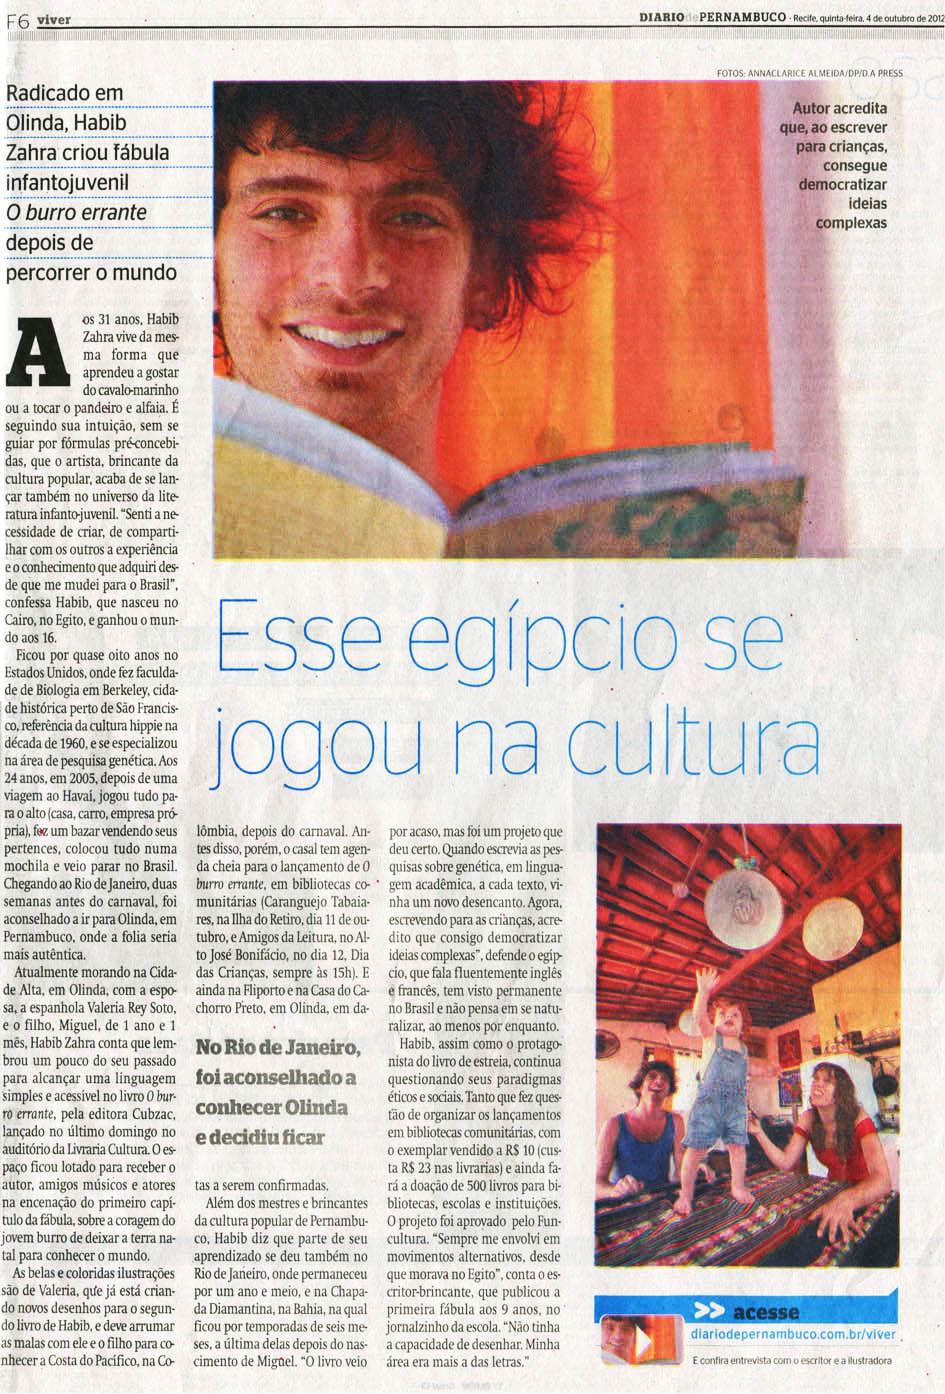 12-10-03 Diario PE (BAIXA)